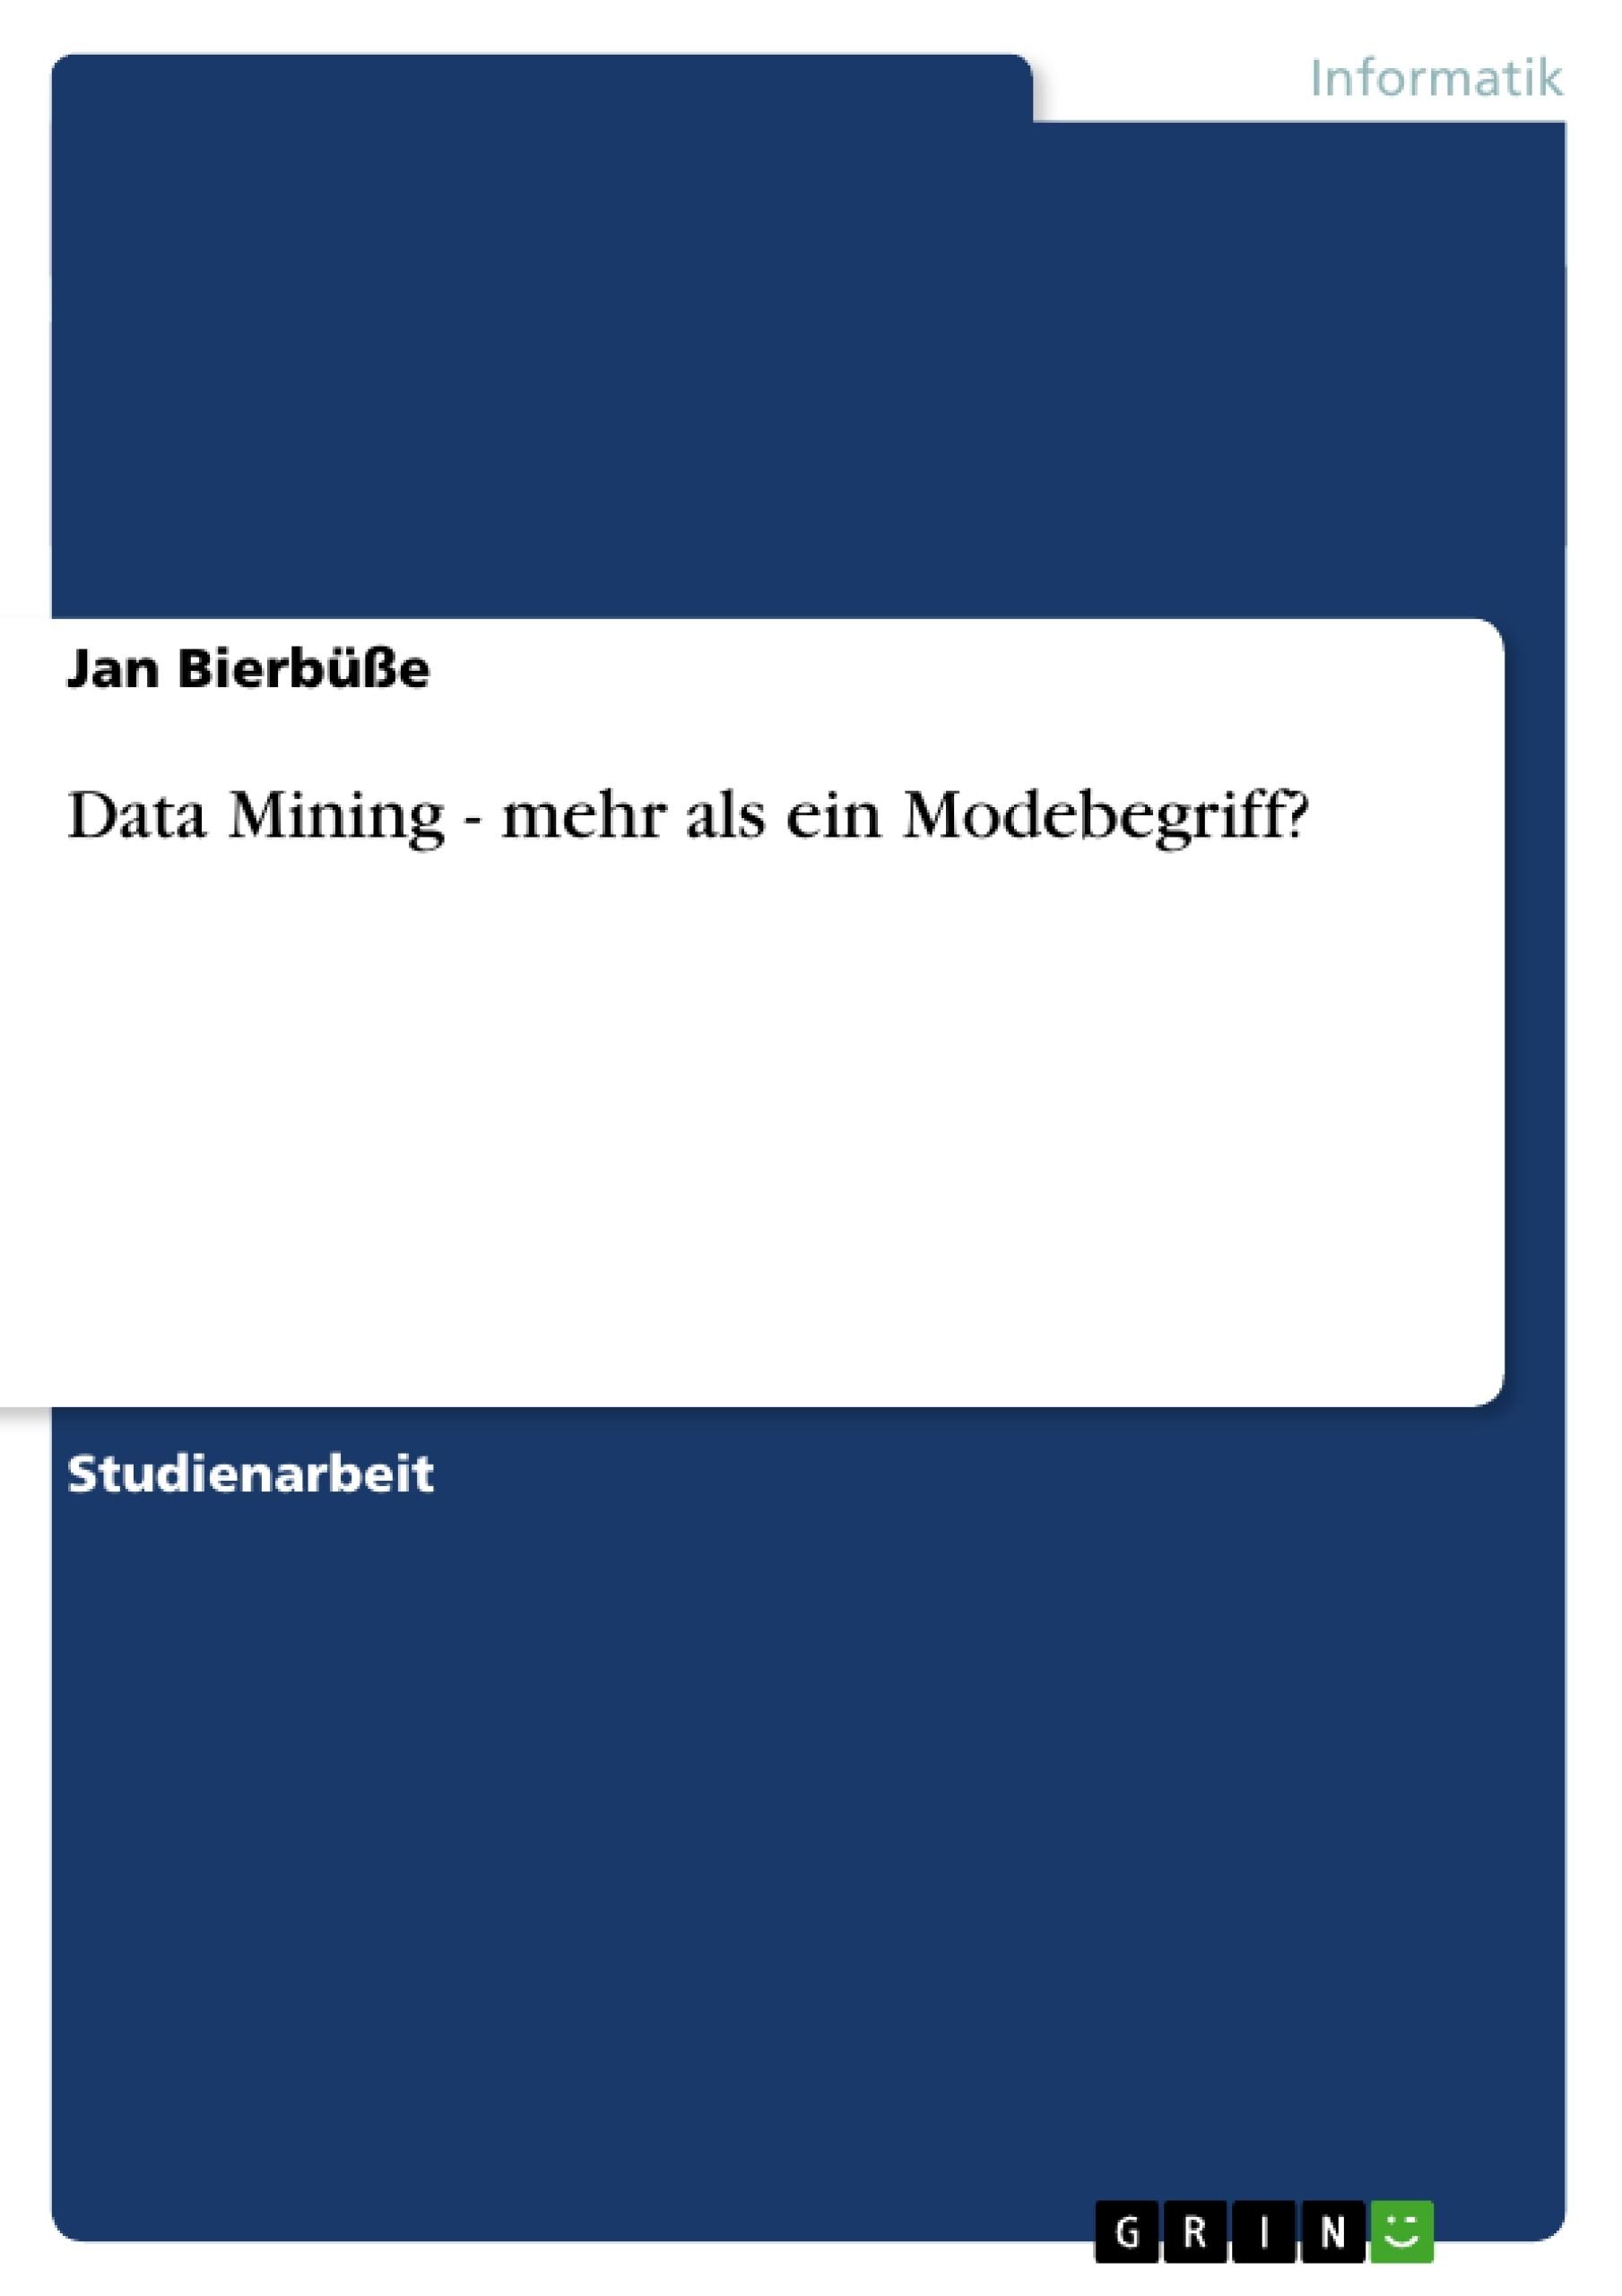 Titel: Data Mining - mehr als ein Modebegriff?